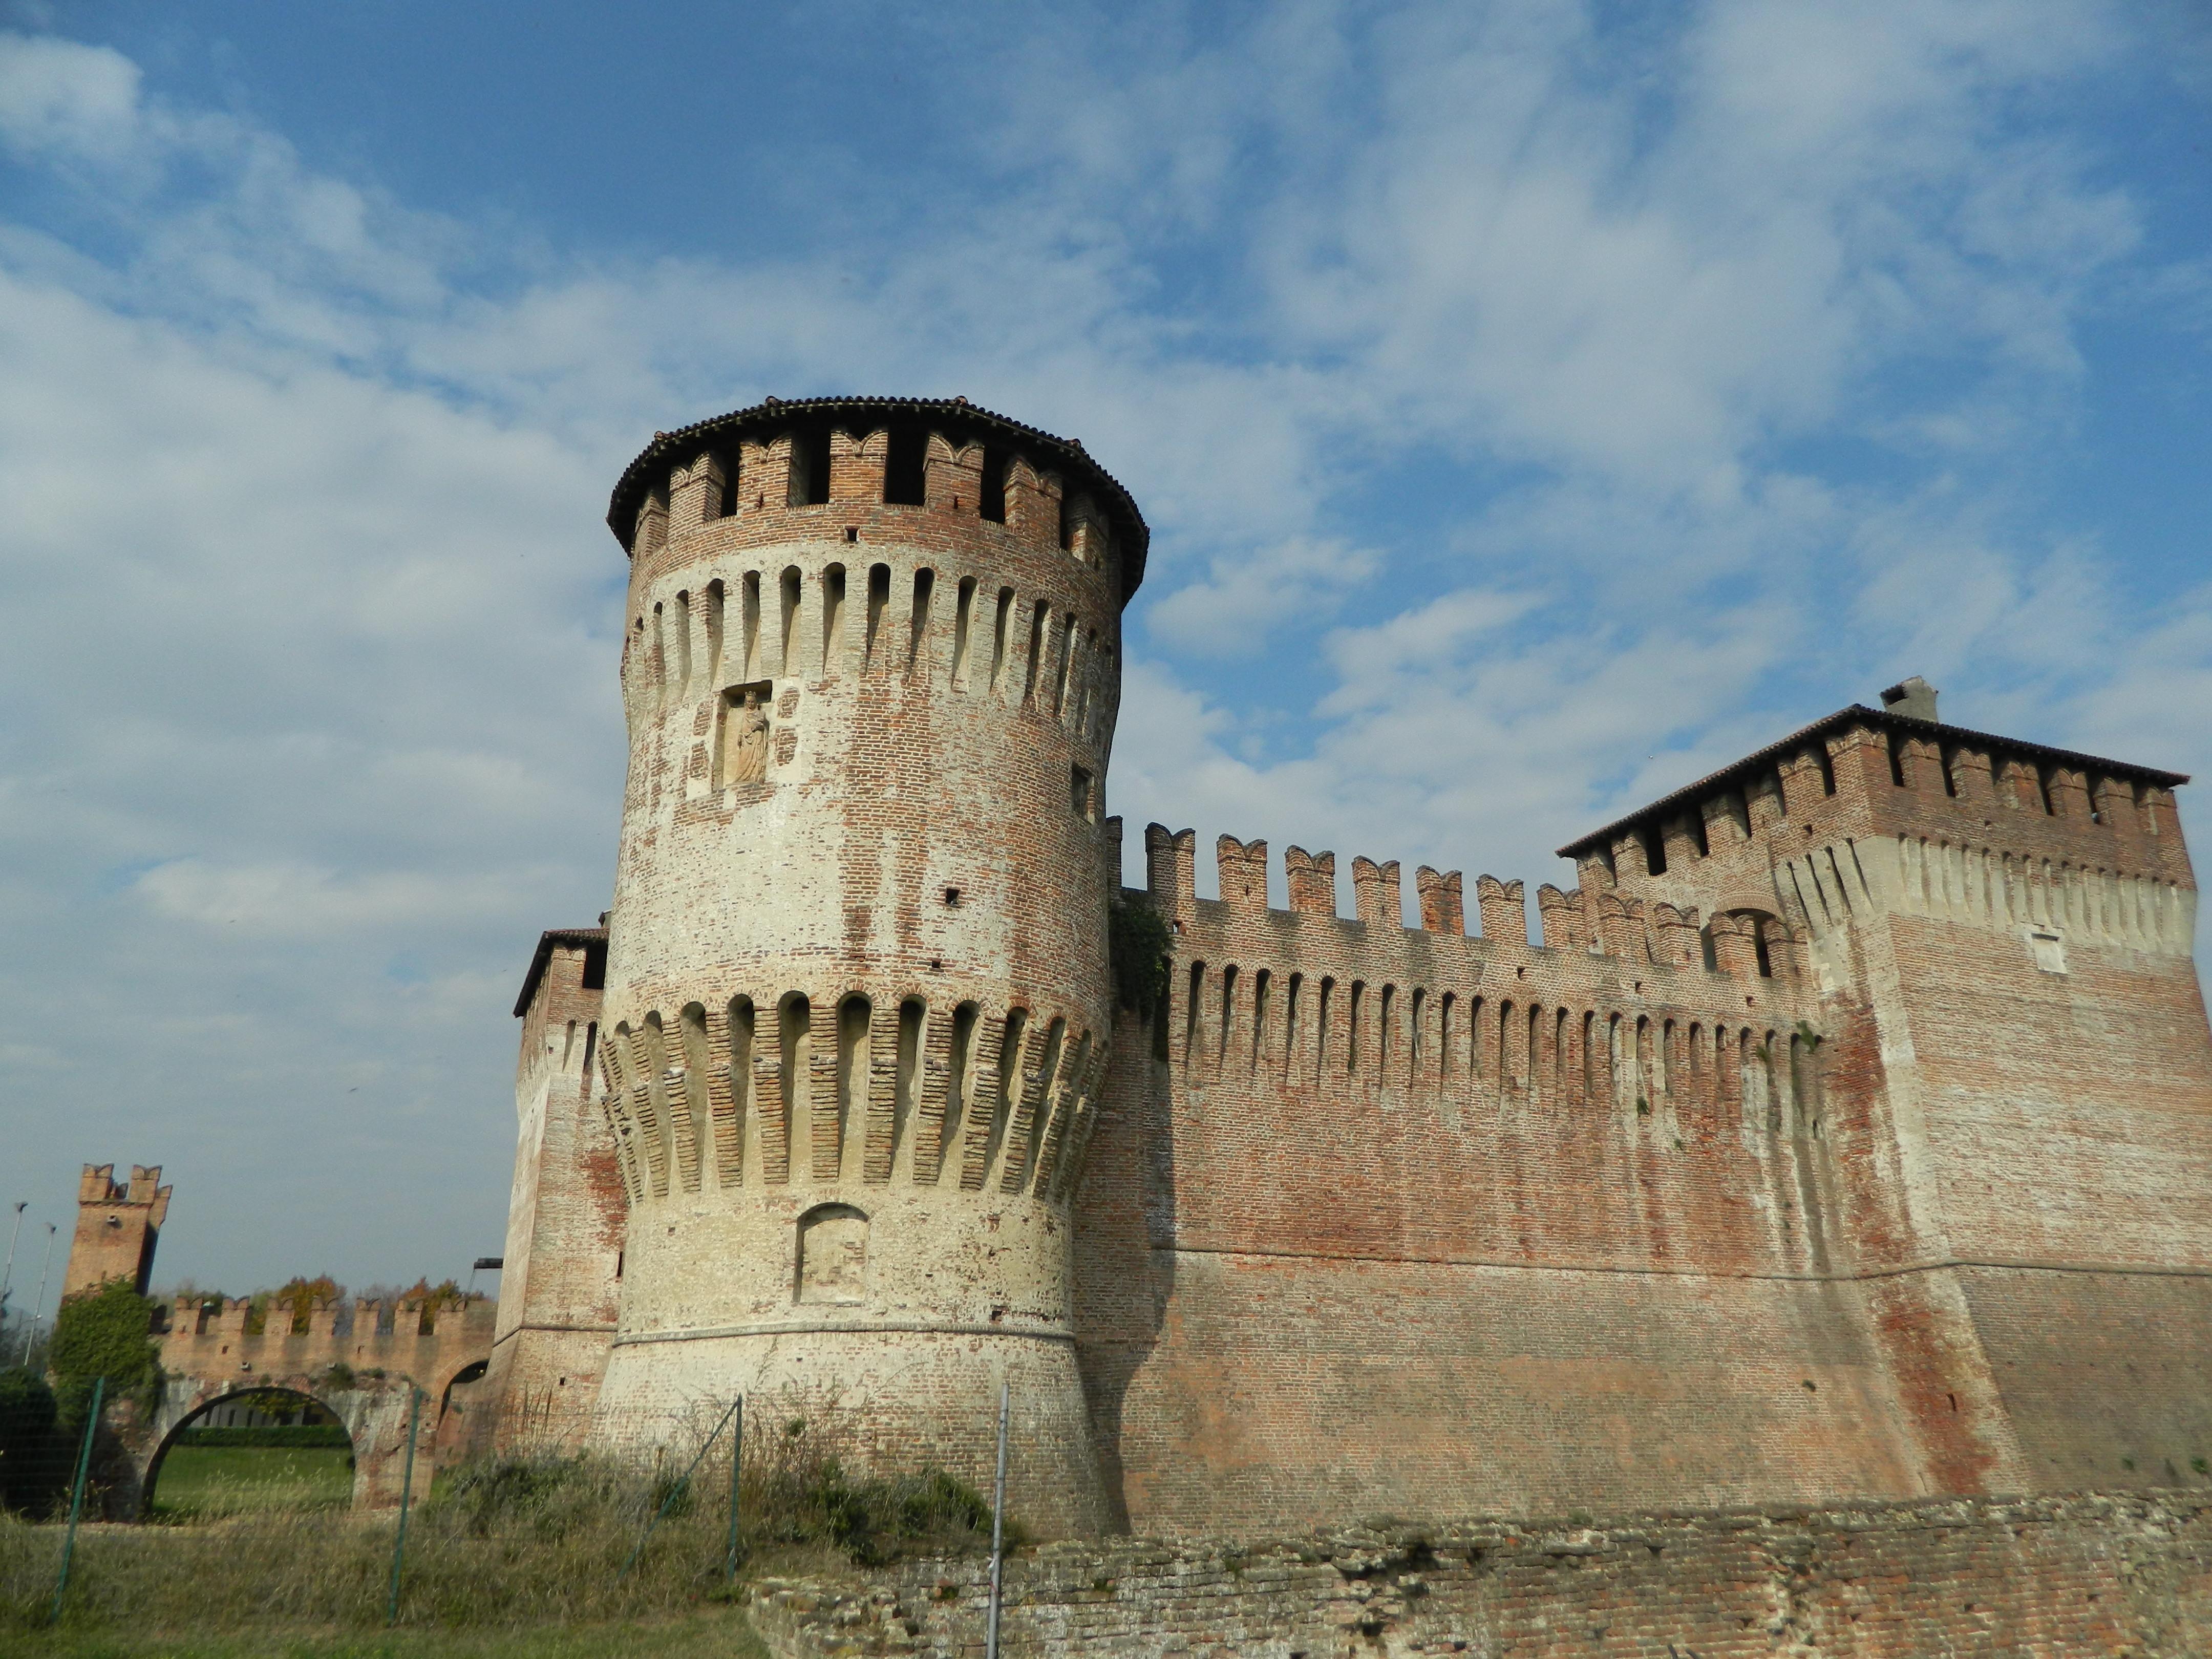 Letto A Castello Lombardia.Castelli Di Lombardia Da Visitare Con I Bambini Family Days